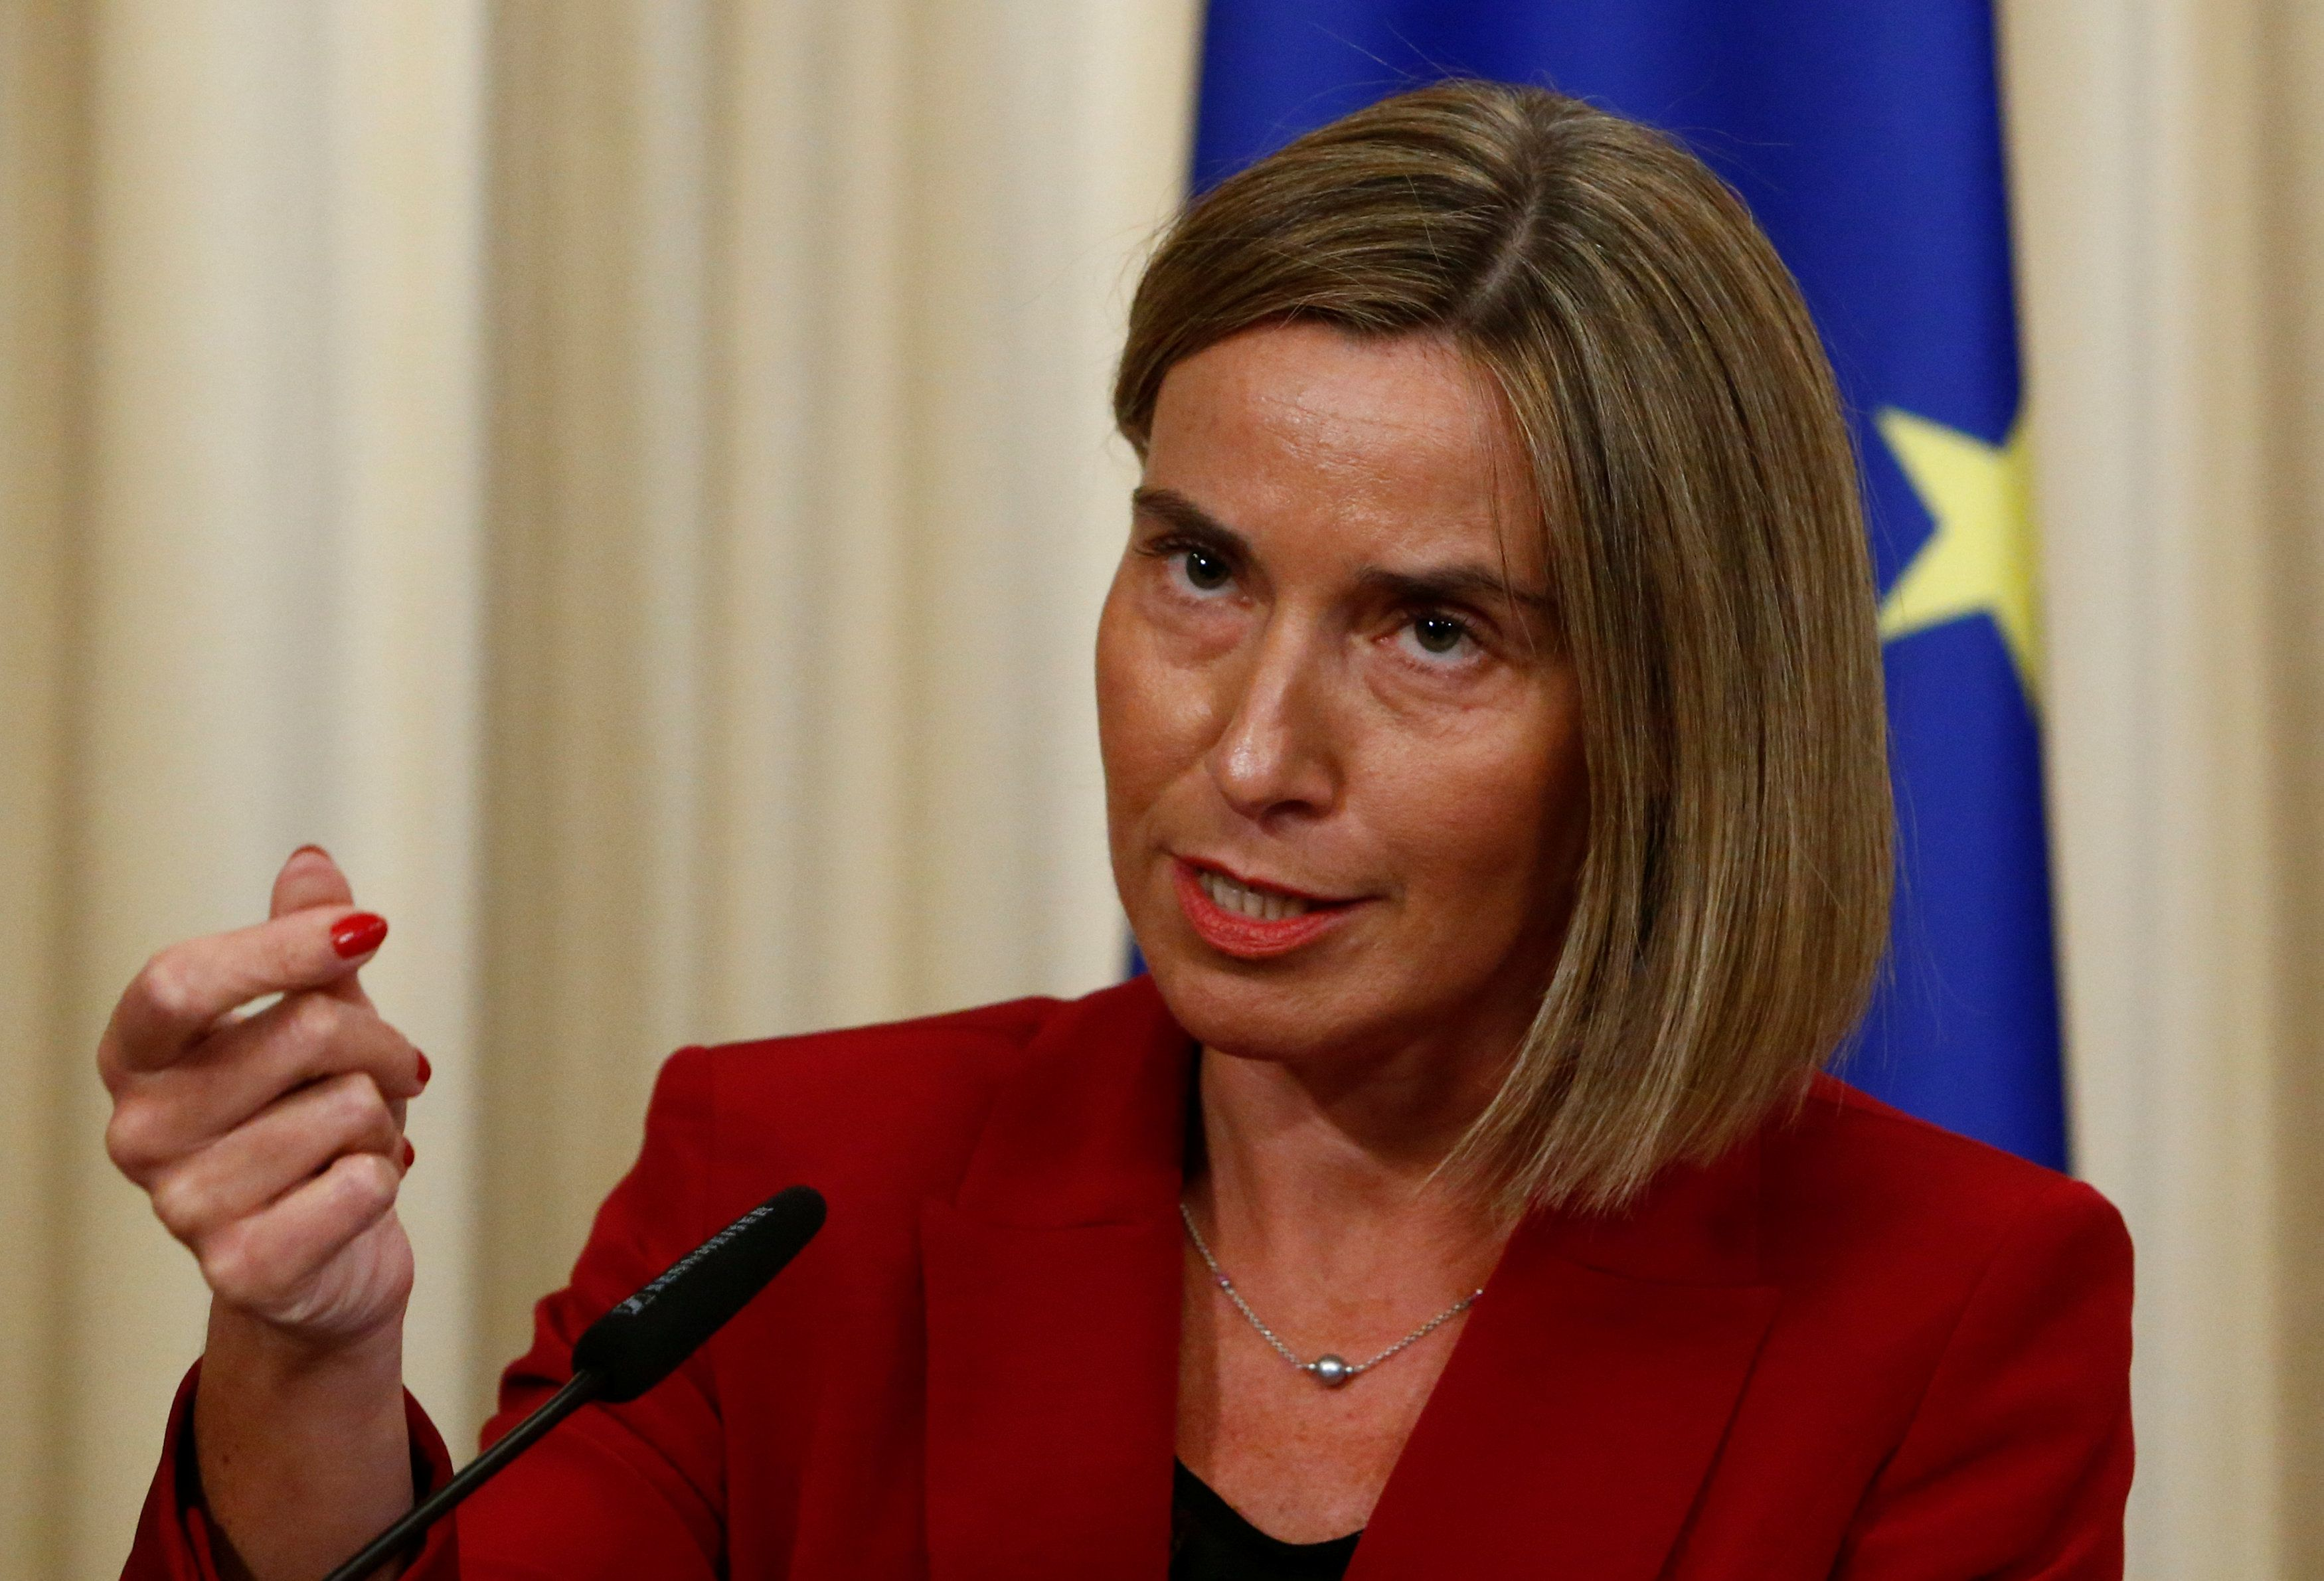 За последние годы Евросоюз инвестировал в Украину больше 15 миллиардов евро – Могерини